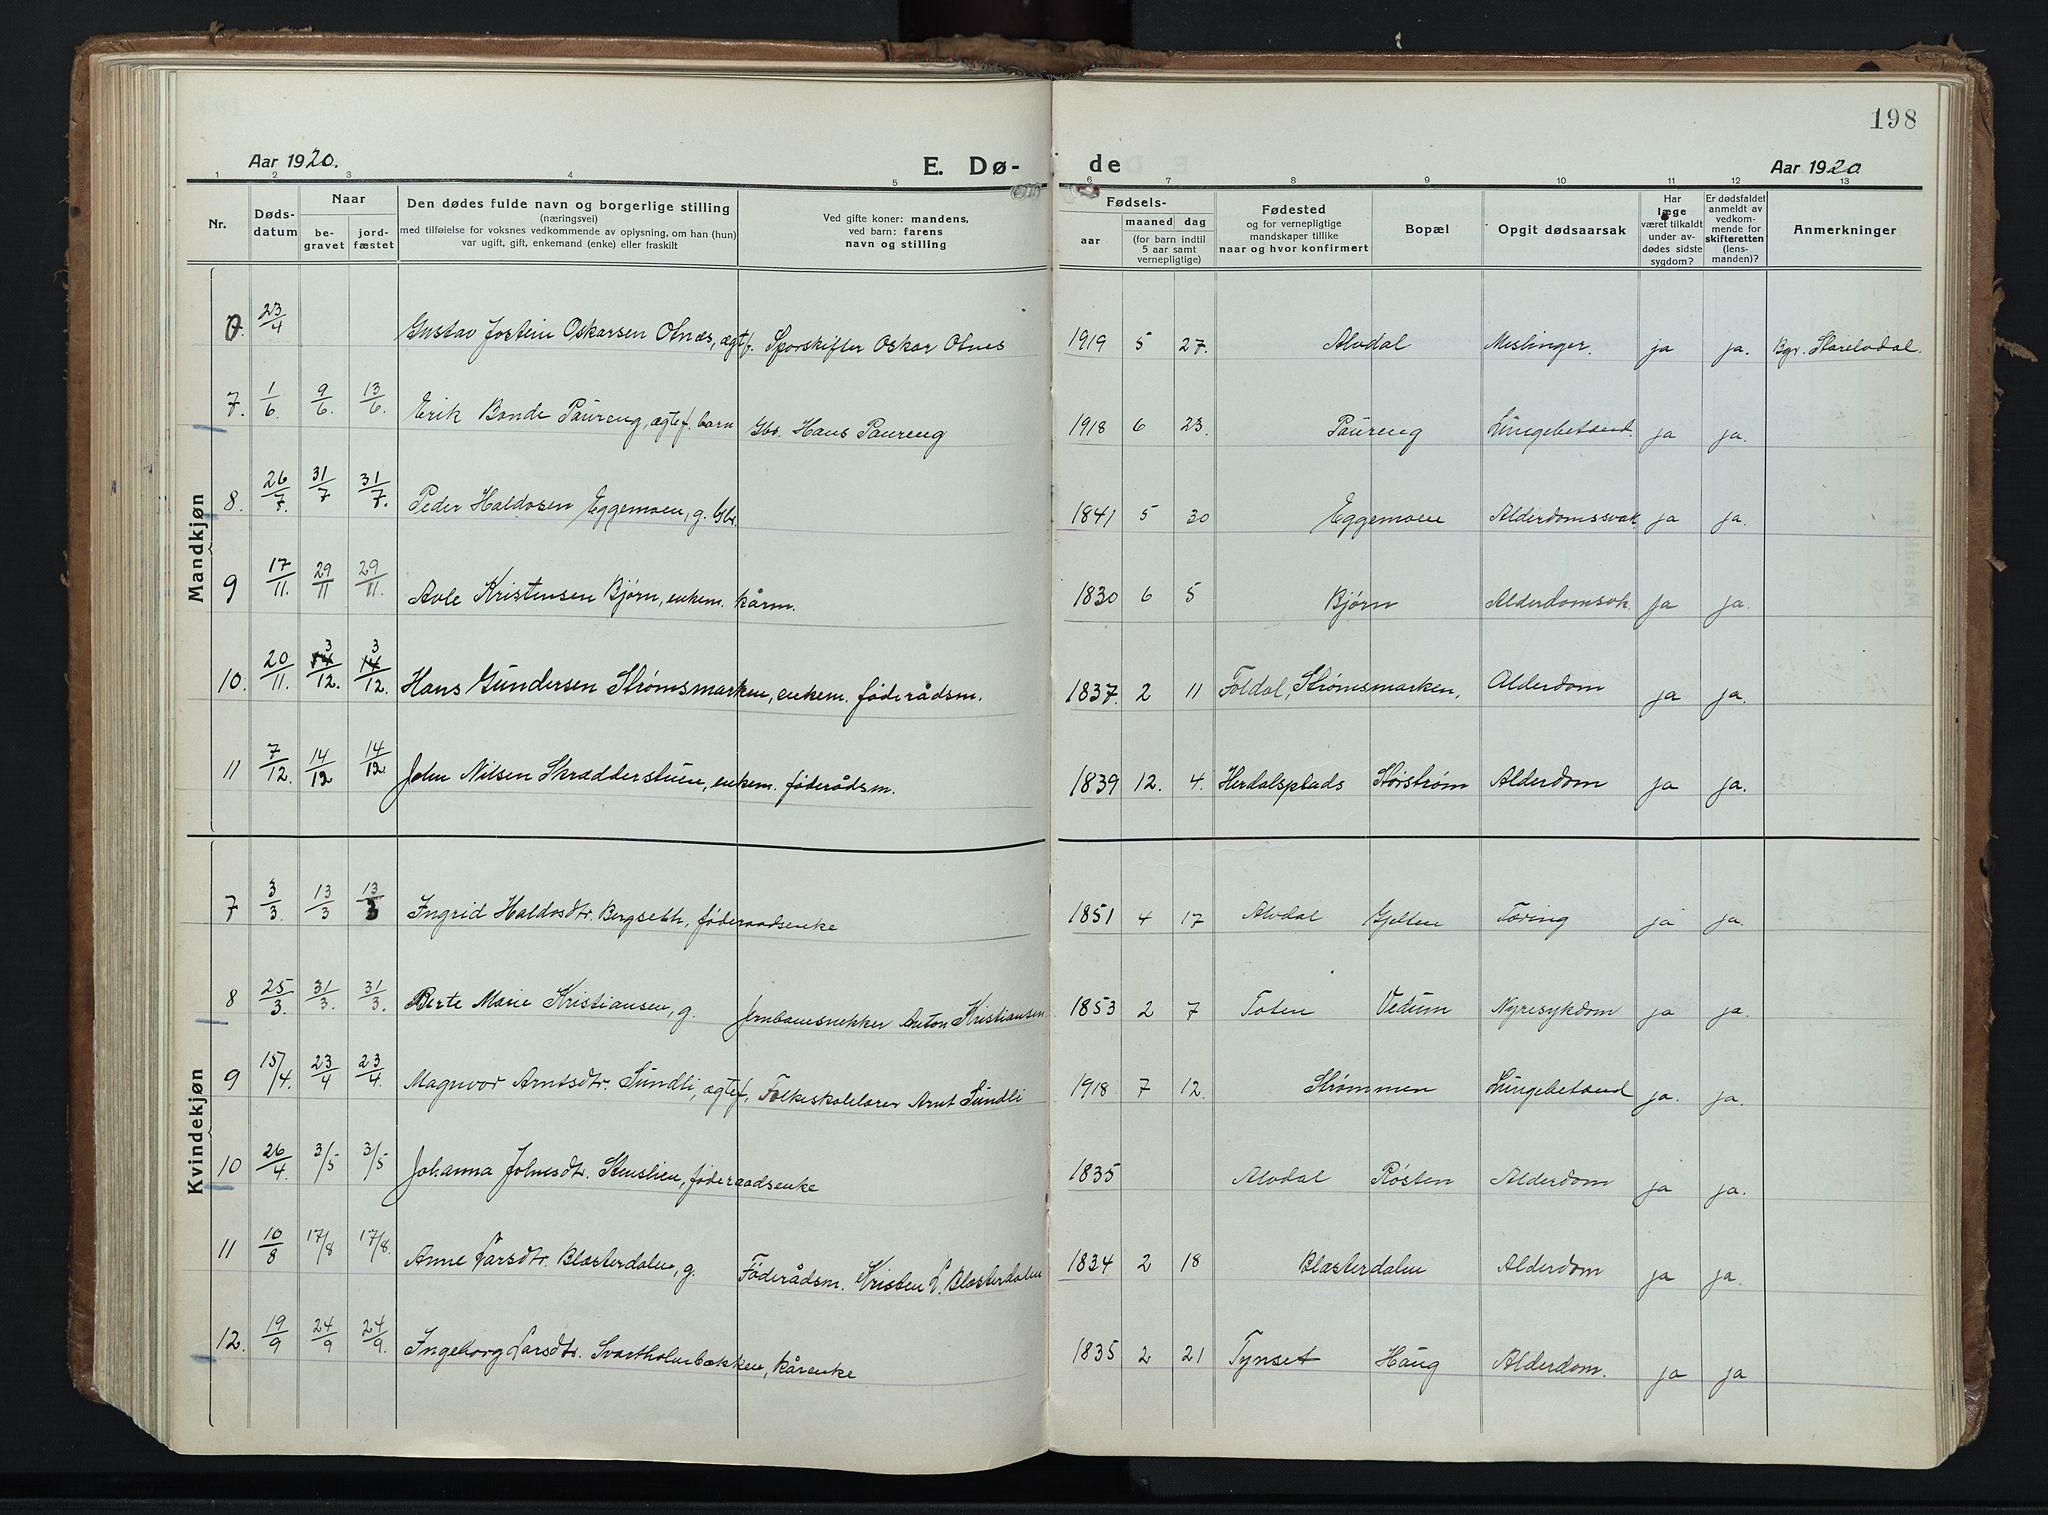 SAH, Alvdal prestekontor, Parish register (official) no. 6, 1920-1937, p. 198